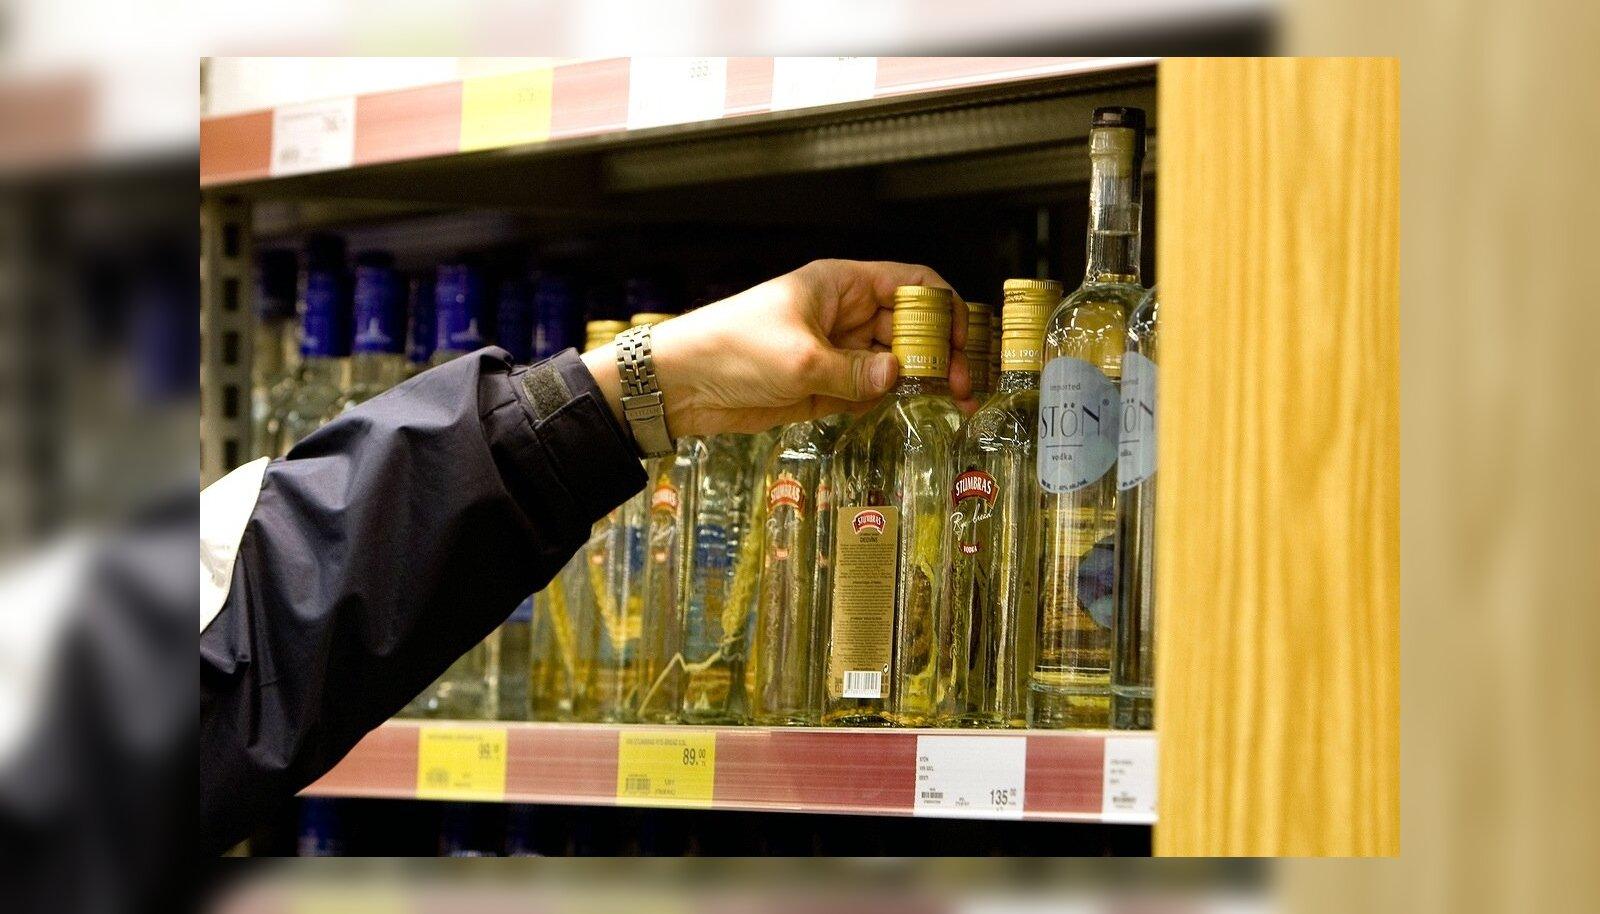 Aktsiisi langetus suurendas kange alkoholi müüki